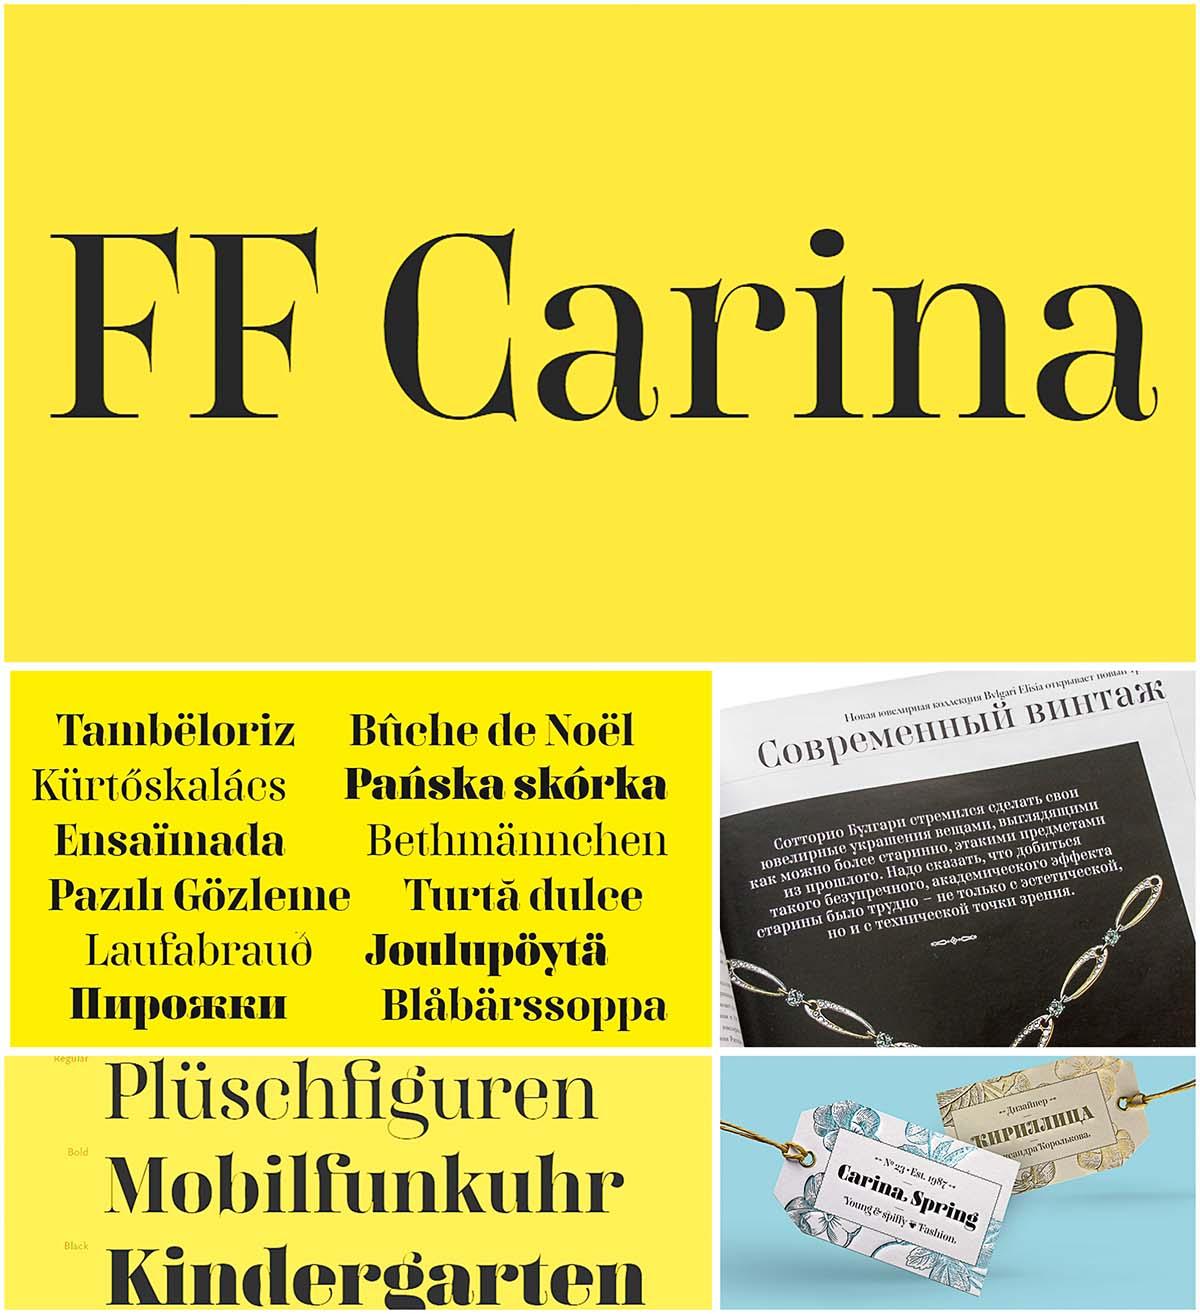 Carina cyrillic font family